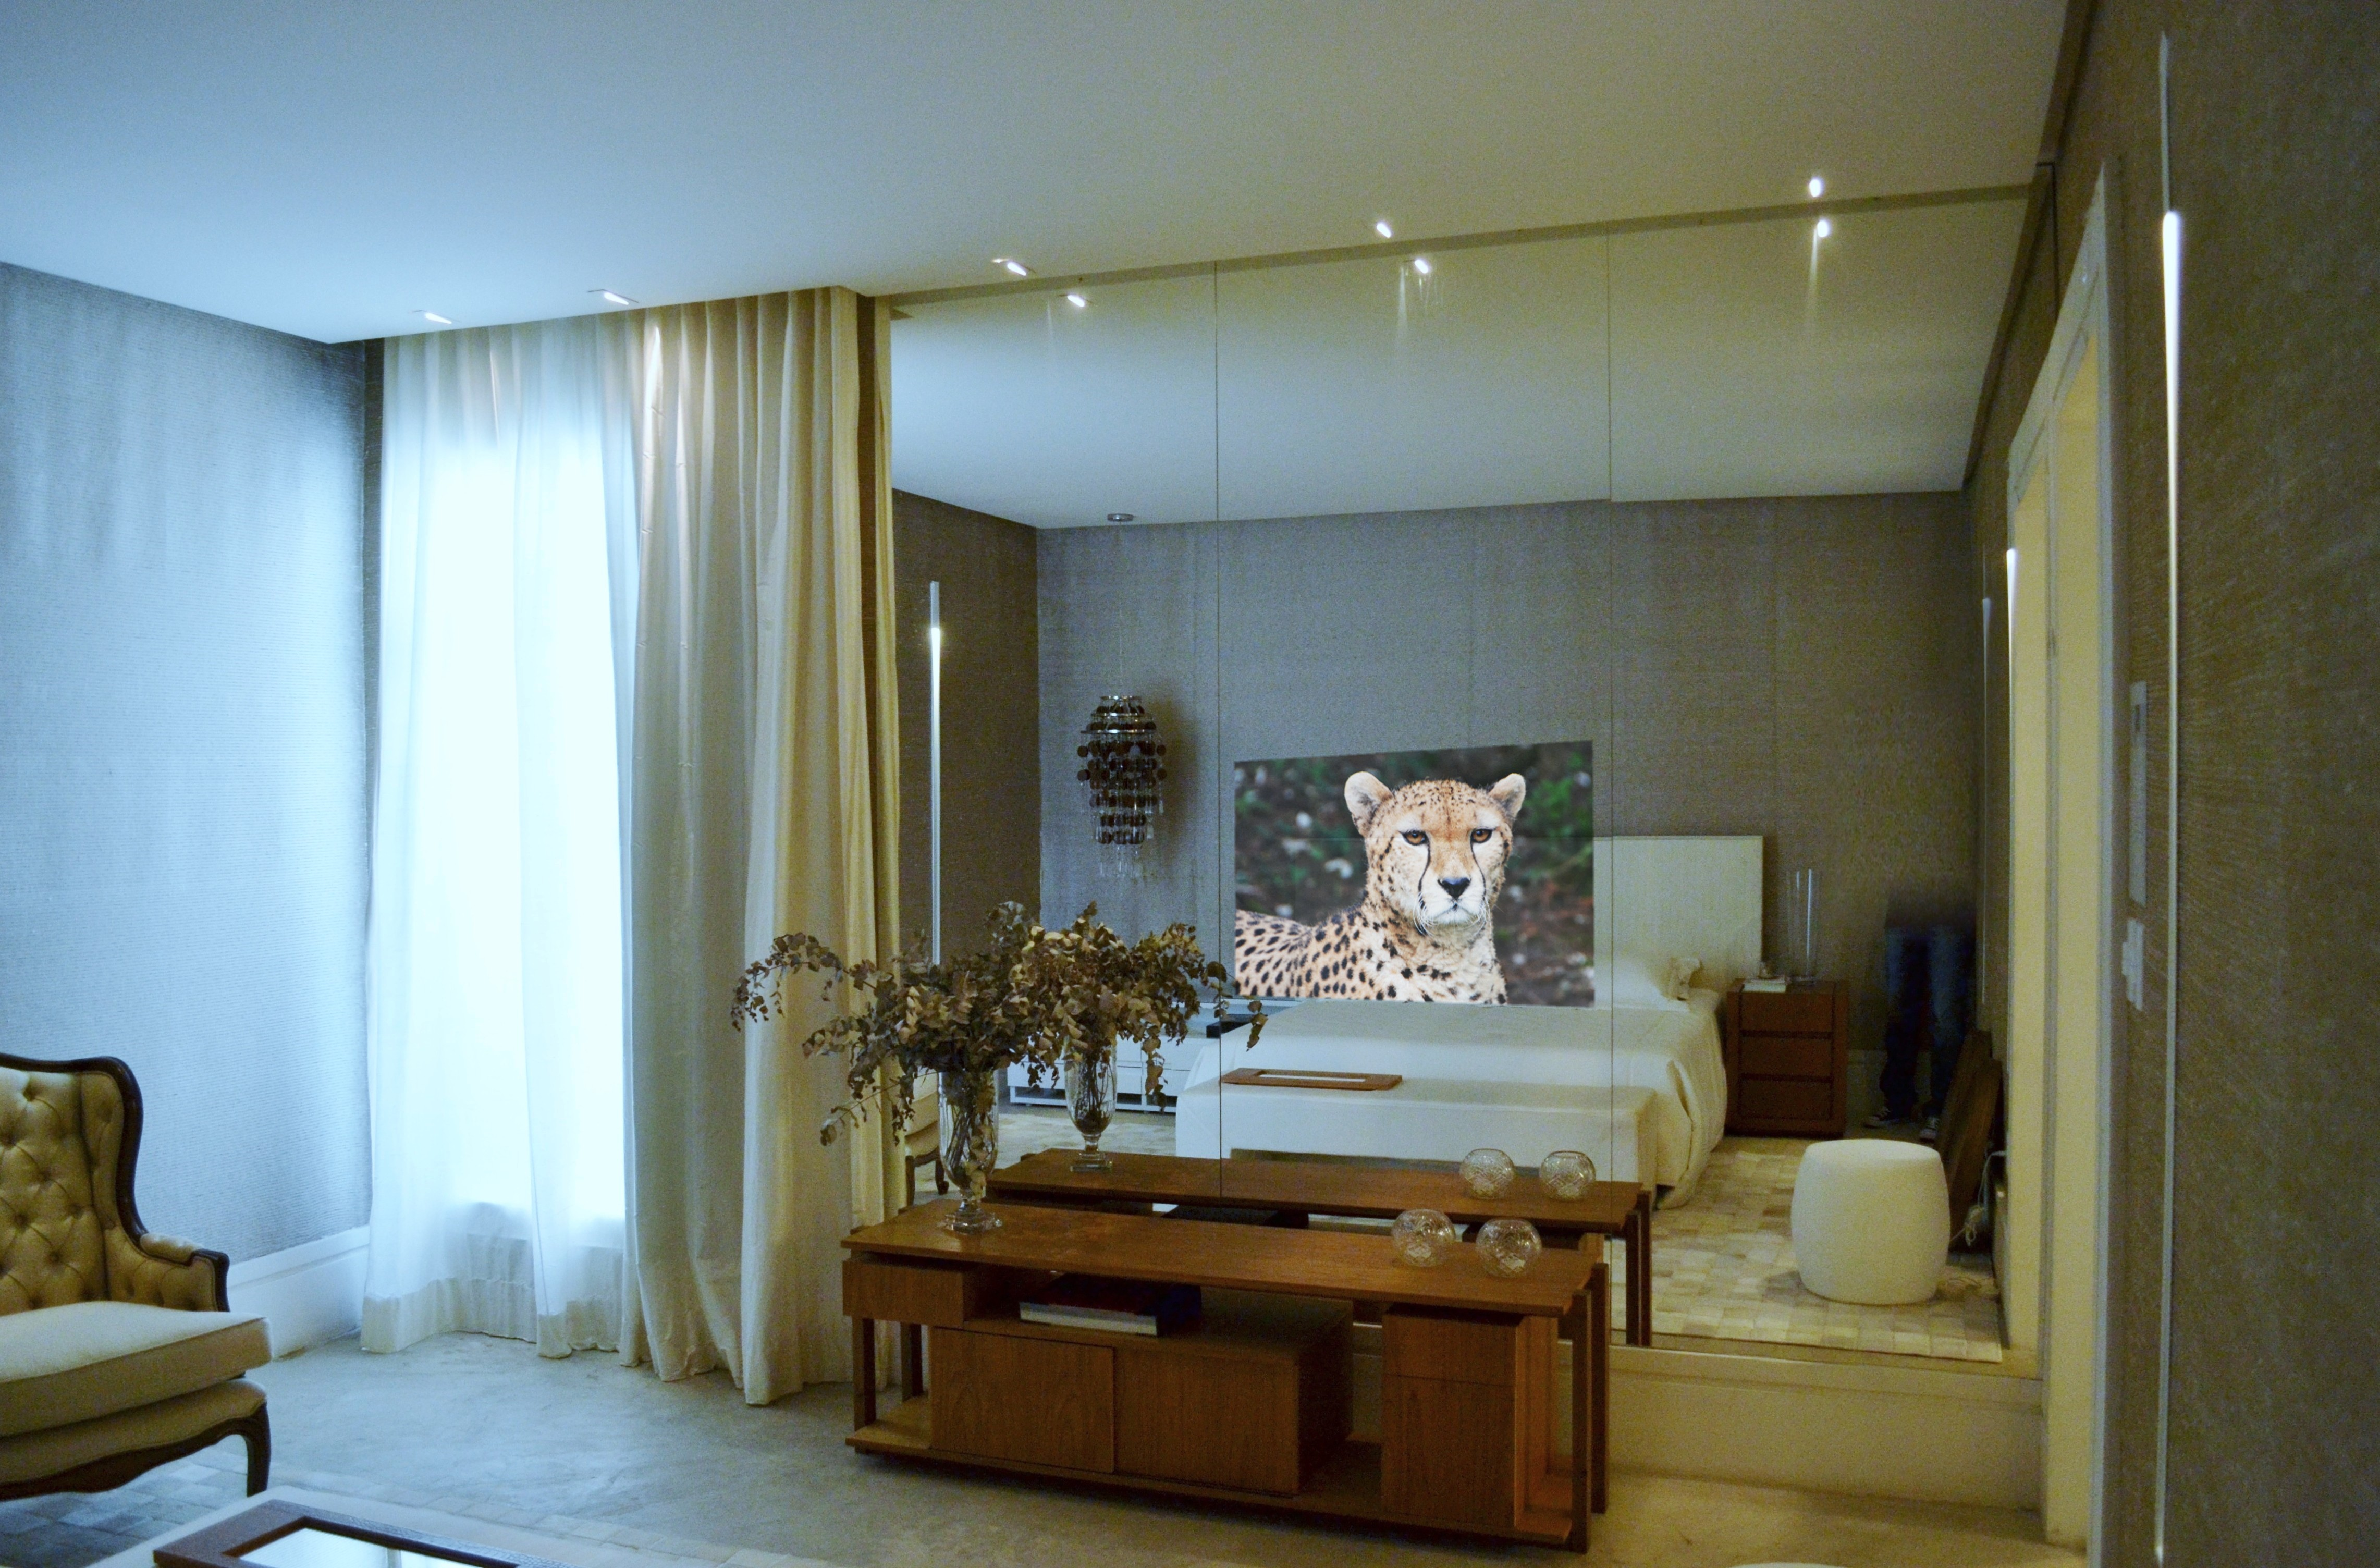 Öm-Toque_da_casa-room_TVOn